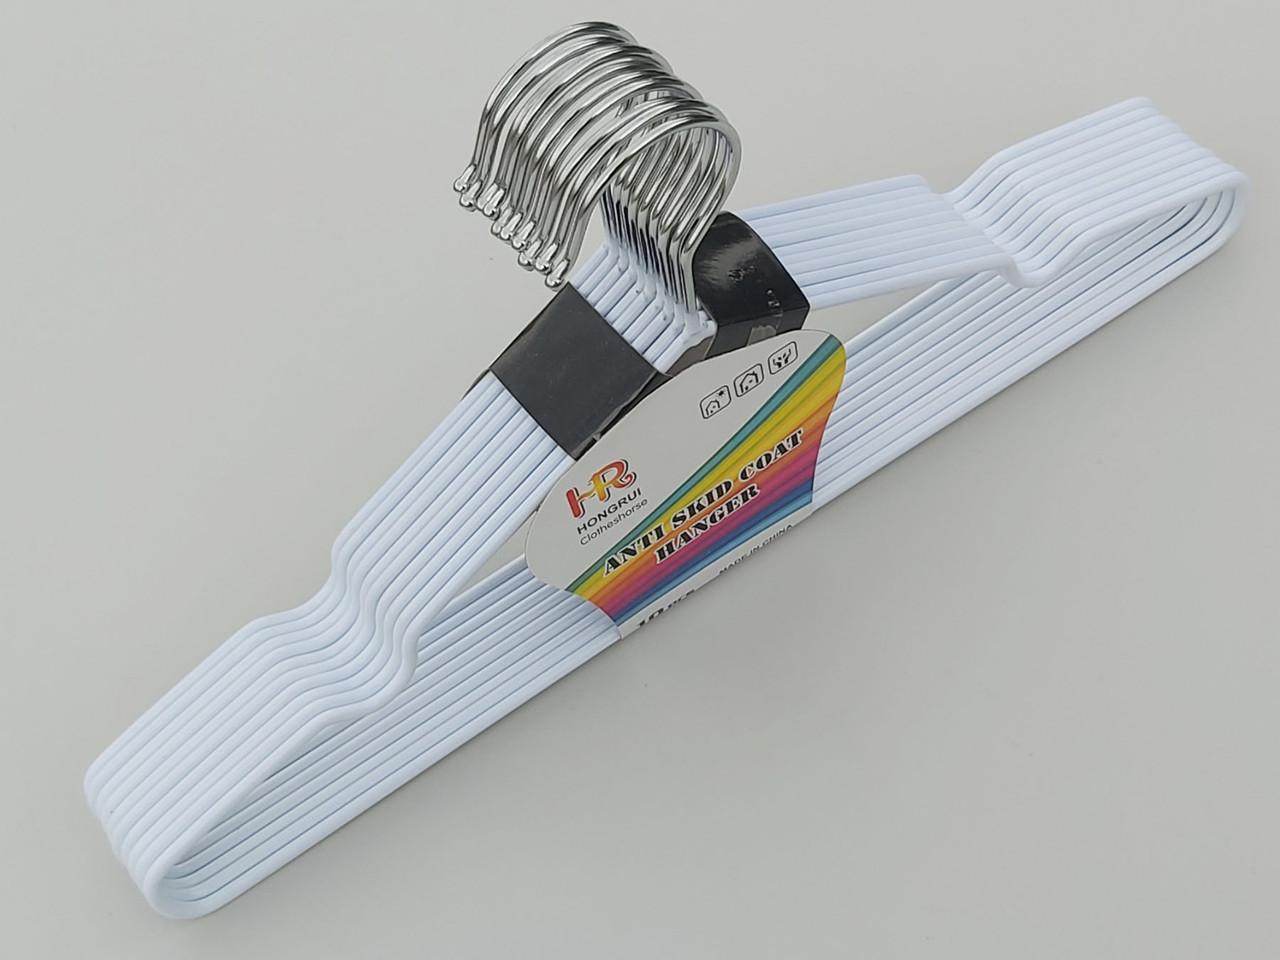 Плечики металлические в силиконовом покрытии белого цвета, 40 см,10 штук в упаковке